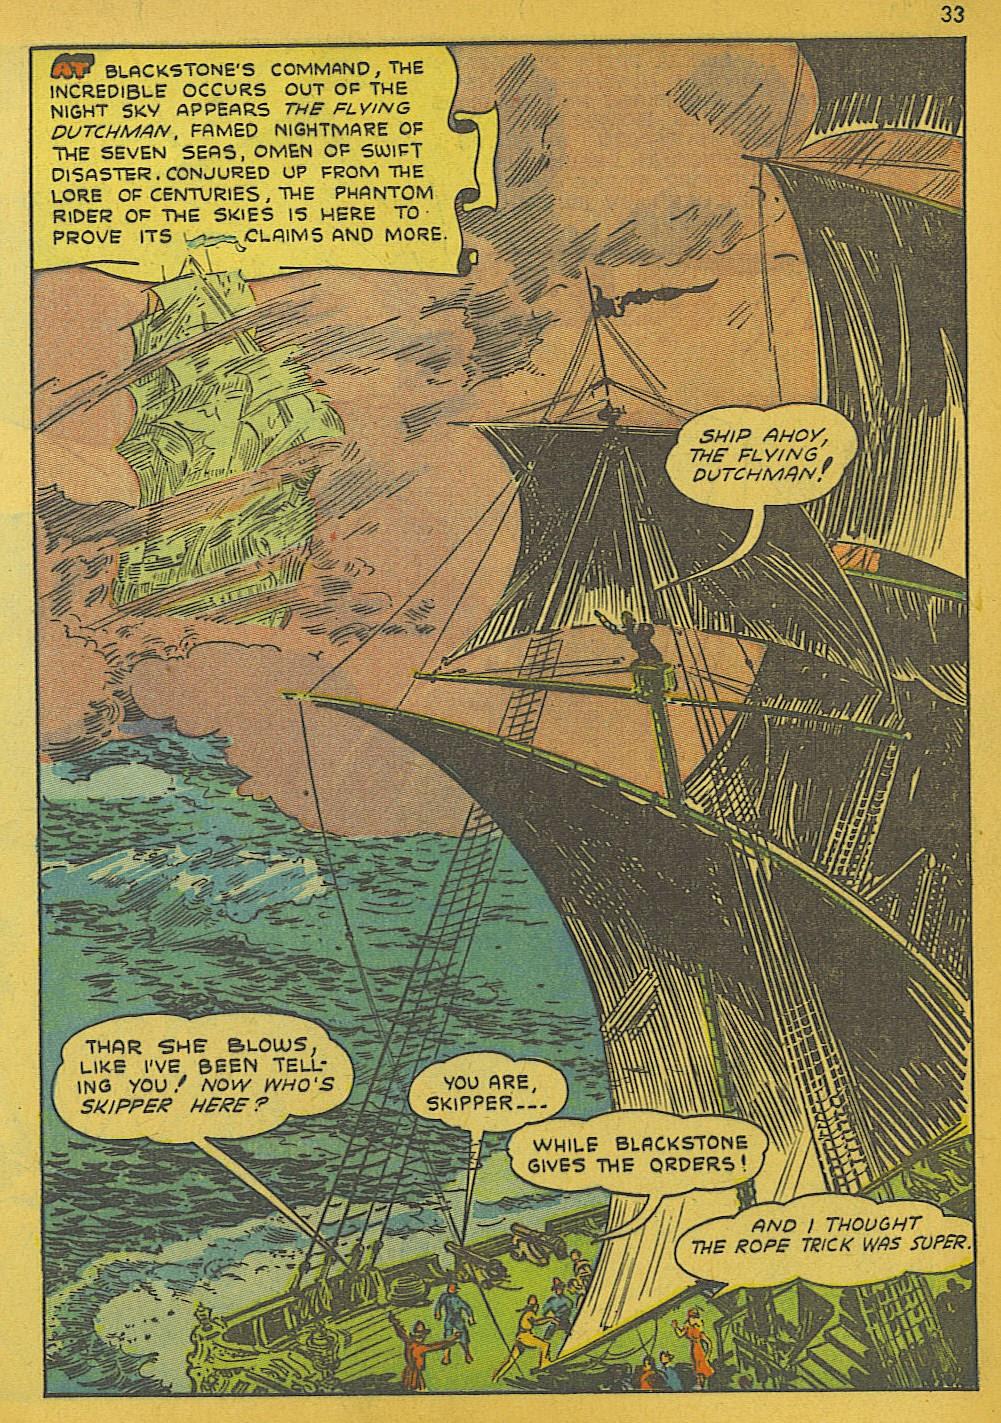 Read online Super-Magician Comics comic -  Issue #10 - 33